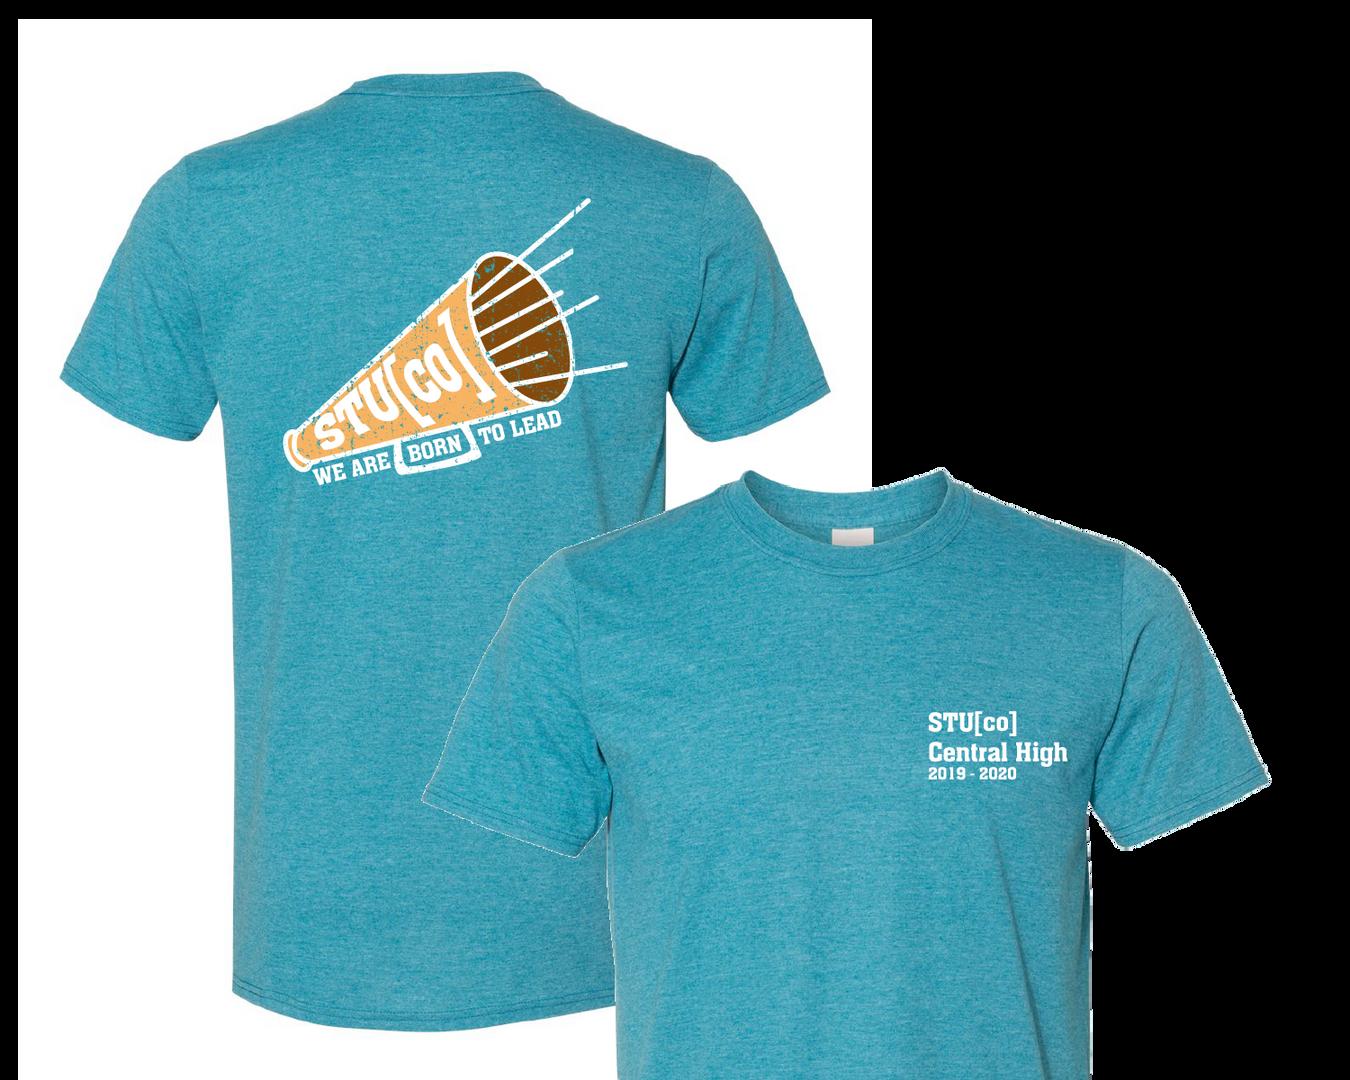 11123E Student Concil Designs - Shirt